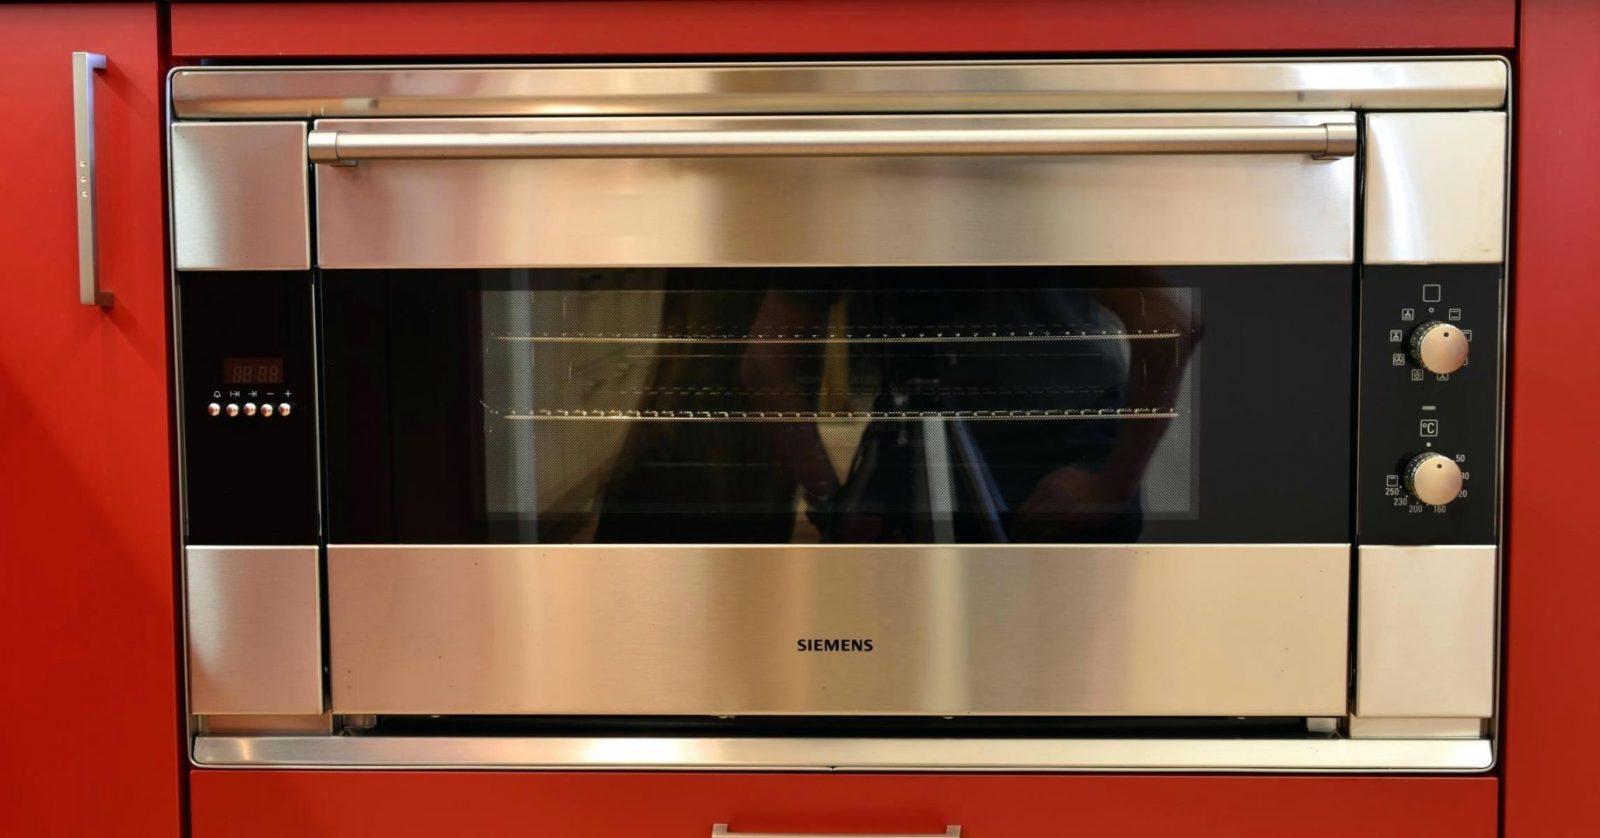 Backofen 90Cm Cm Backofen Lack Seidenmatt Granit Nero Angelo Bild von Backofen 90 Cm Breit Siemens Bild